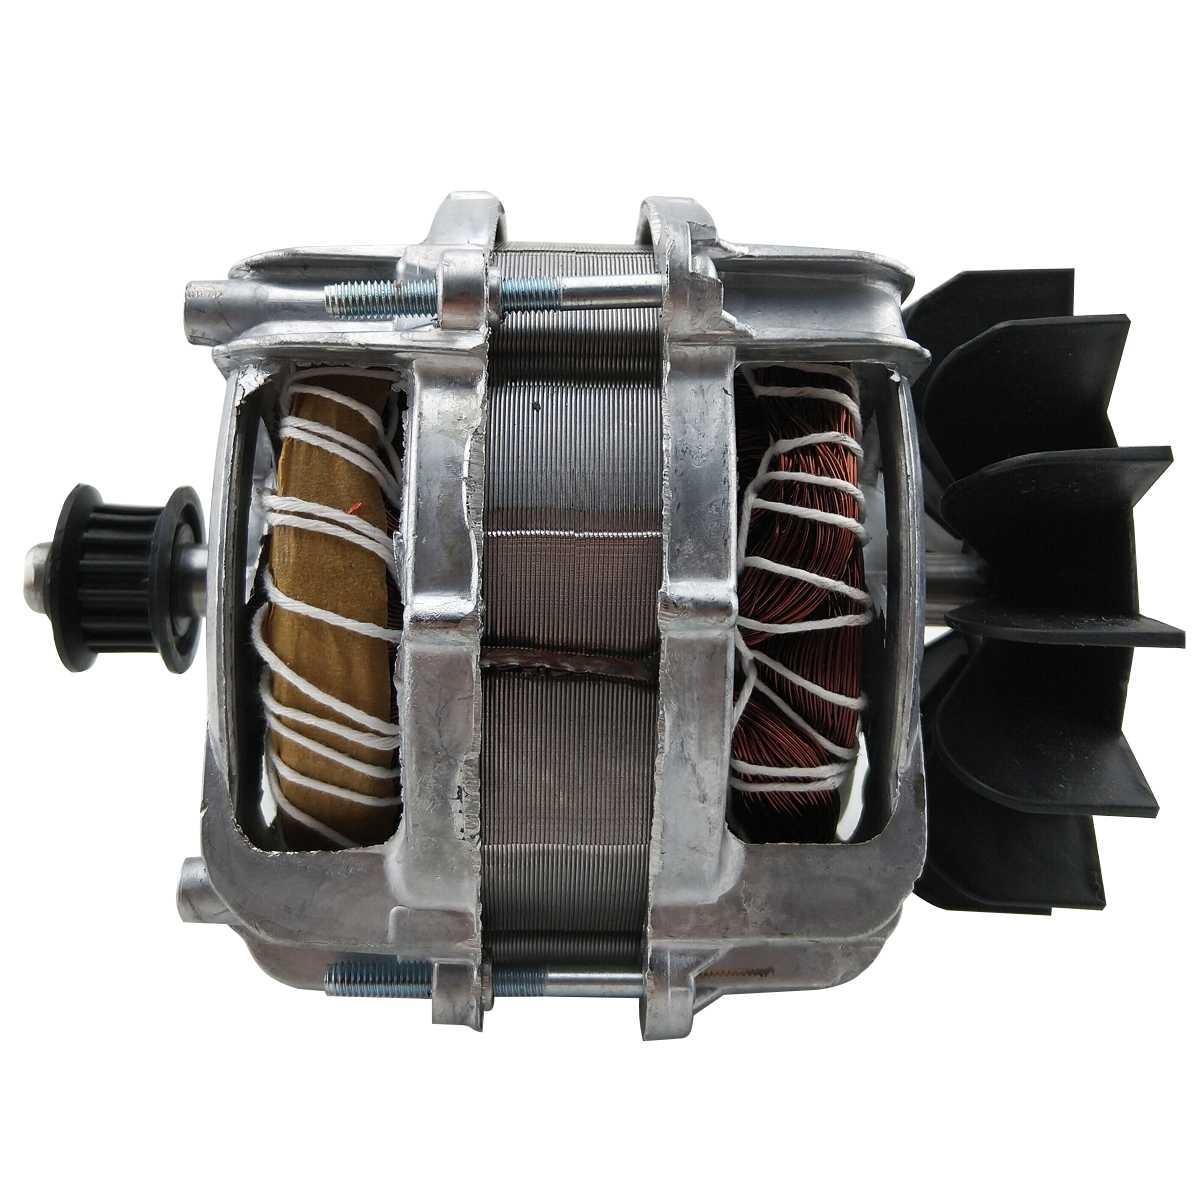 Motor tanquinho Latina Zafira polia dentada 127v